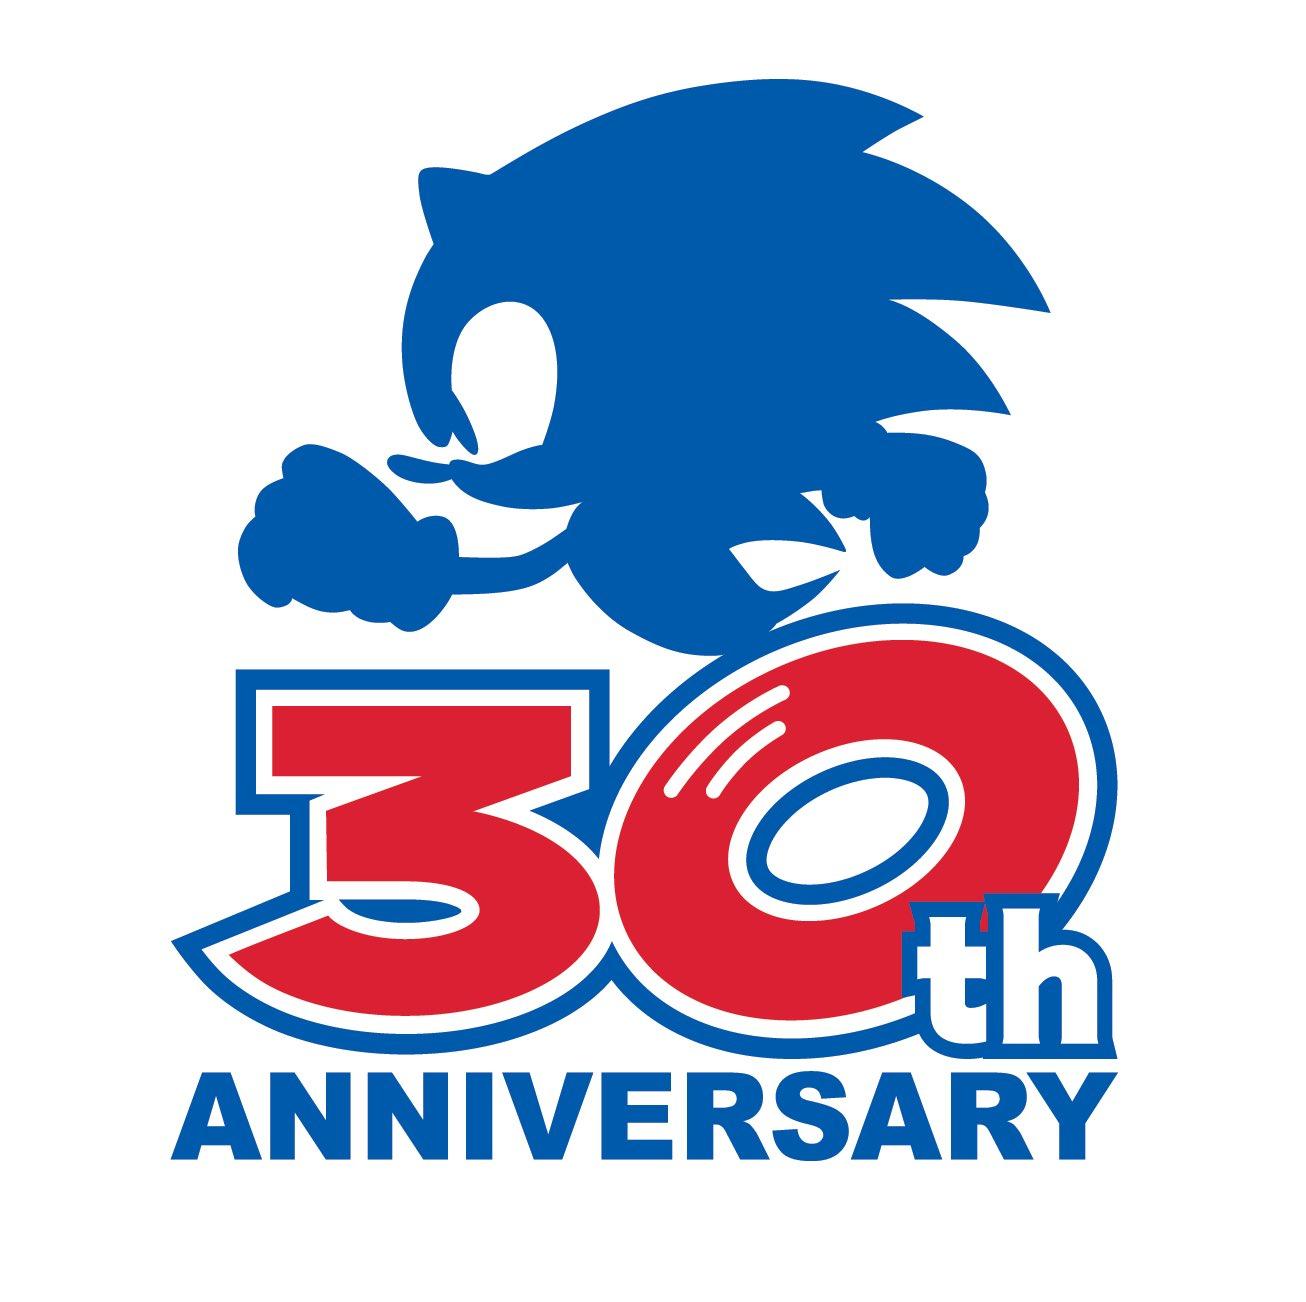 http://cdn-uploads.gameblog.fr/images/jeux/0/Sonic_Logo_30eAnniversaire.jpg